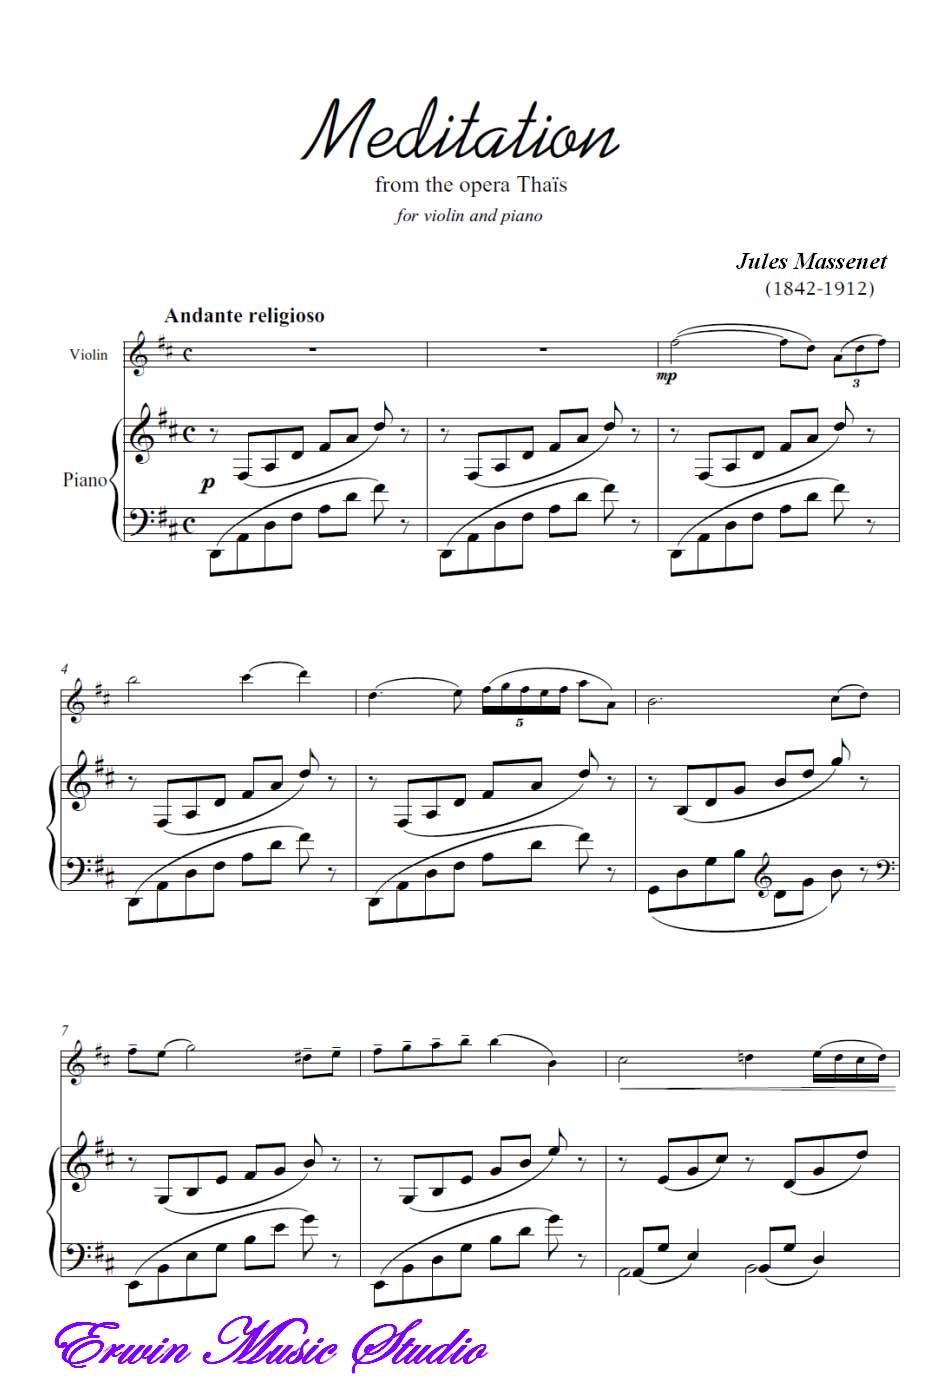 急求马斯涅《沉思》的钢琴伴奏谱子